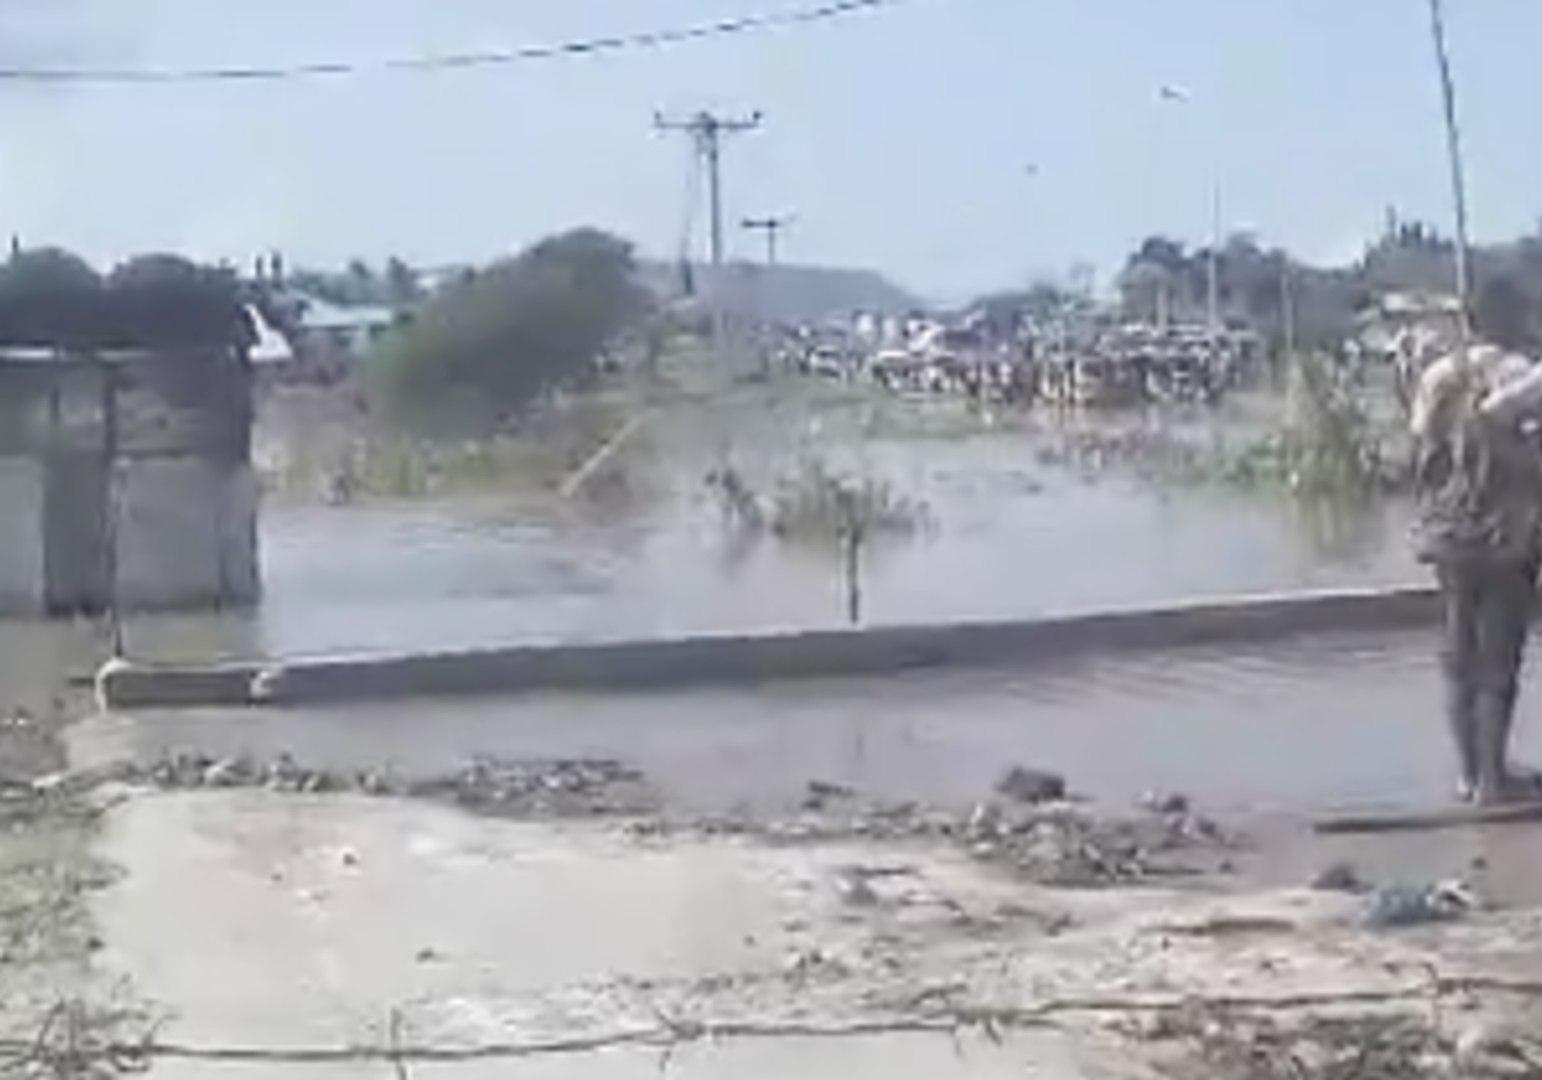 Muddy Waters Flood Nigerian Town of Lokoja